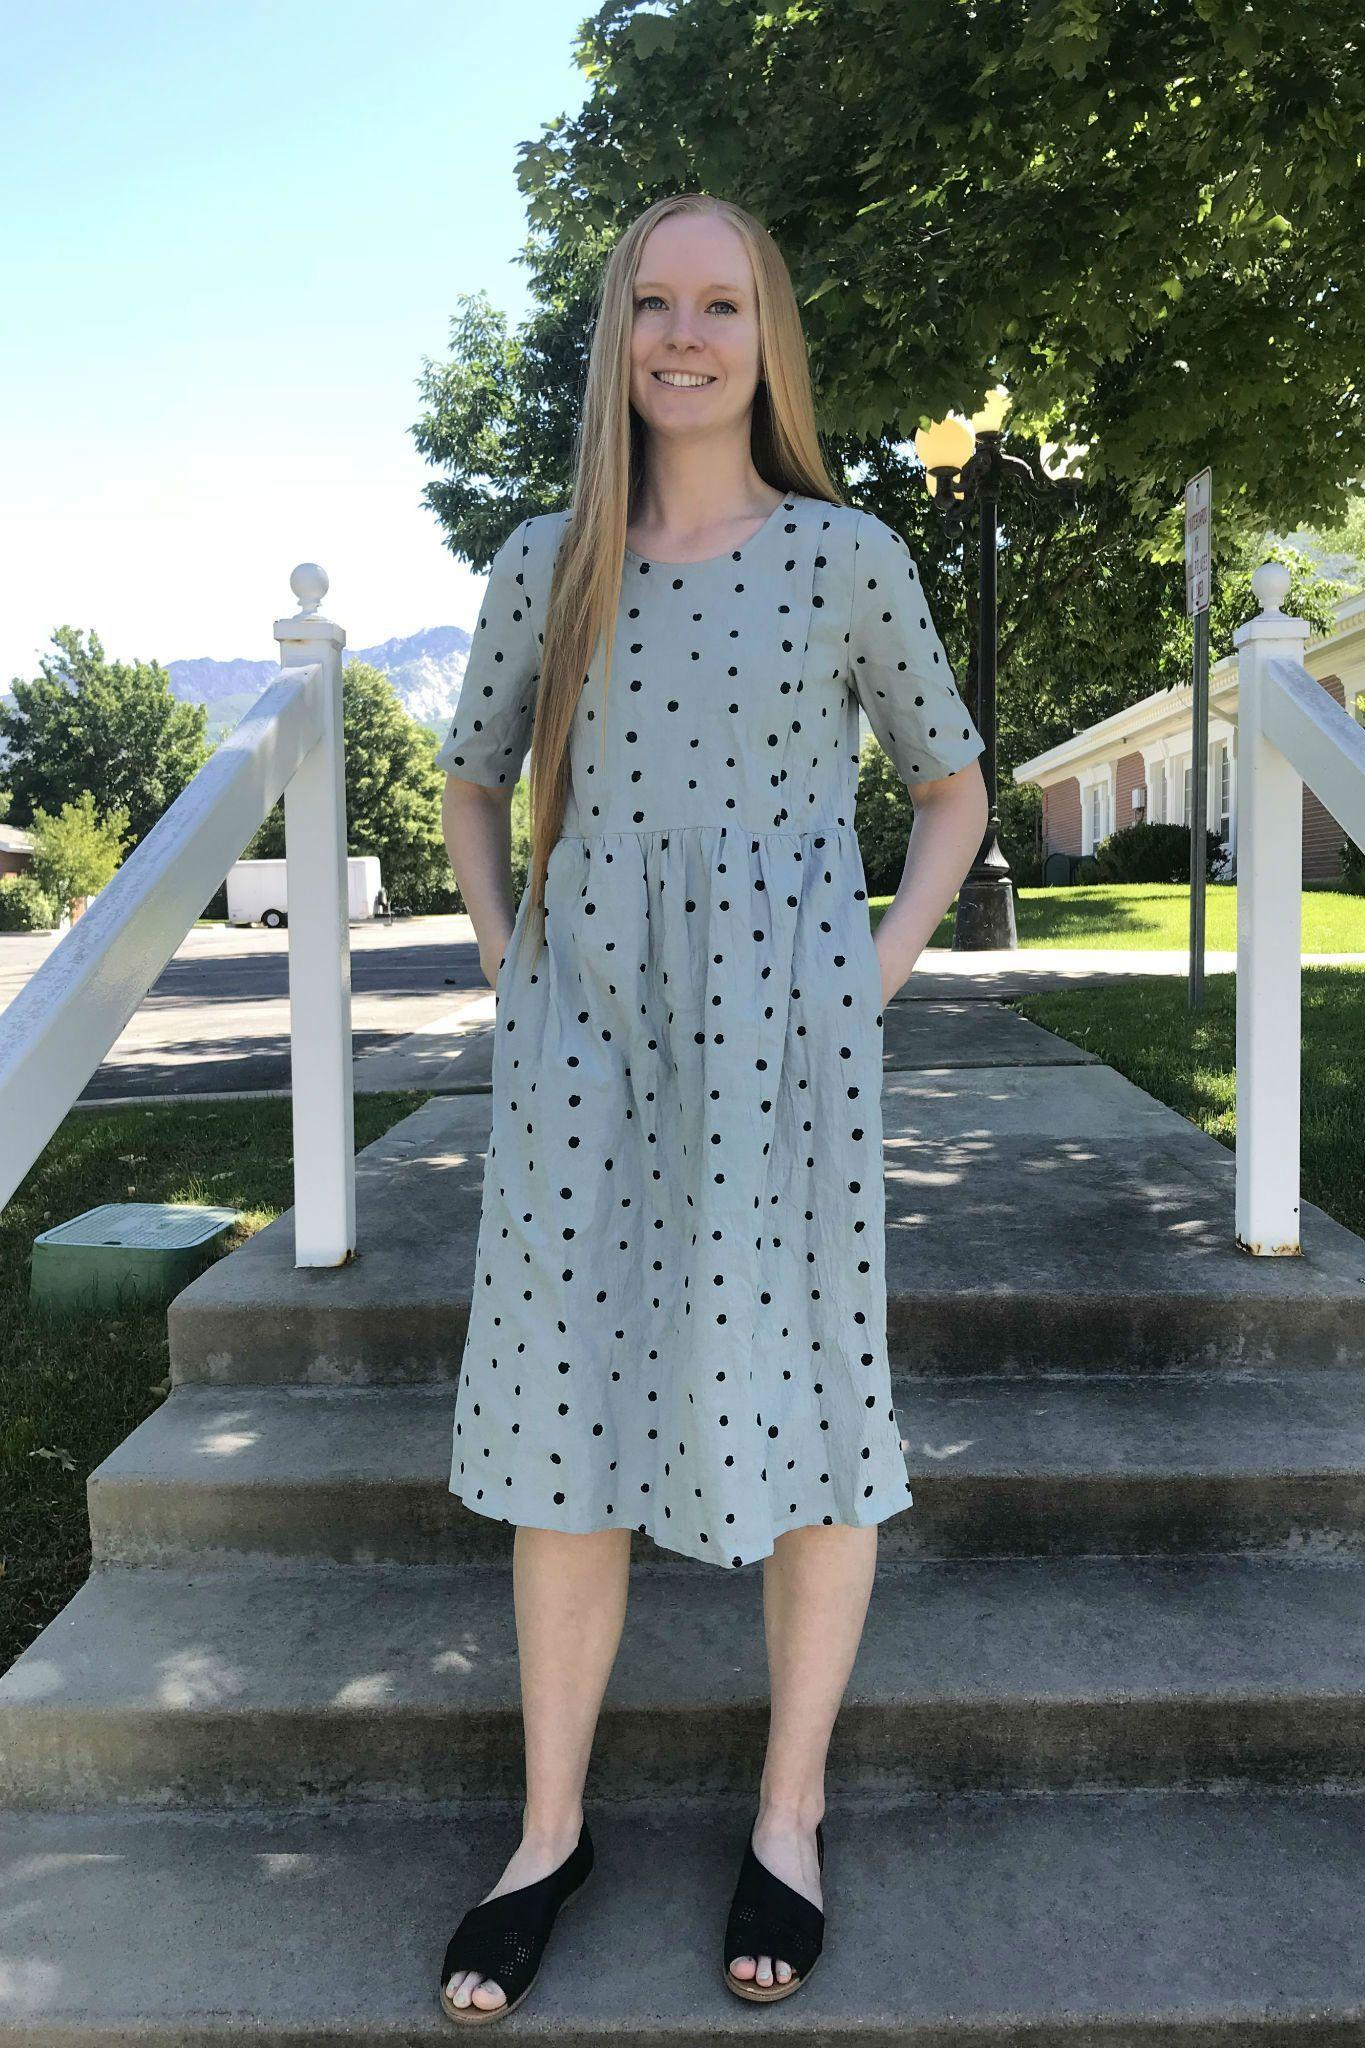 6269f6db35a Modest polka dot dress, nursing dresses with zippers, modest nursing  friendly dress, breastfeeding dresses, modest mint dress, modest sage green  dress, ...